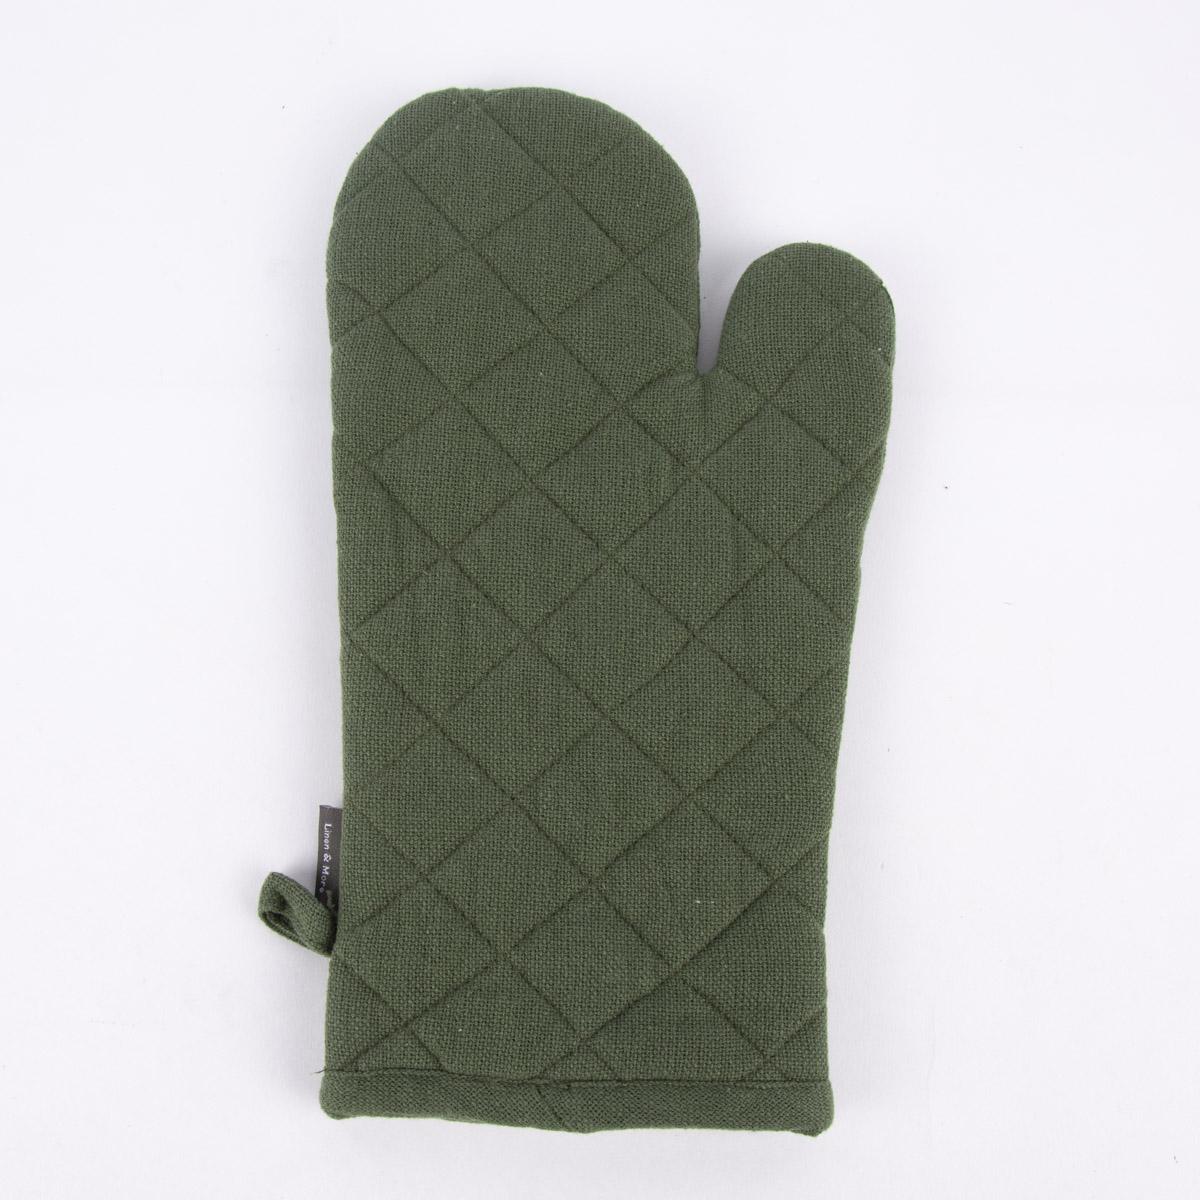 Linen & More Ofenhandschuh Indi Einheitsgröße einfarbig army grün 18x33cm